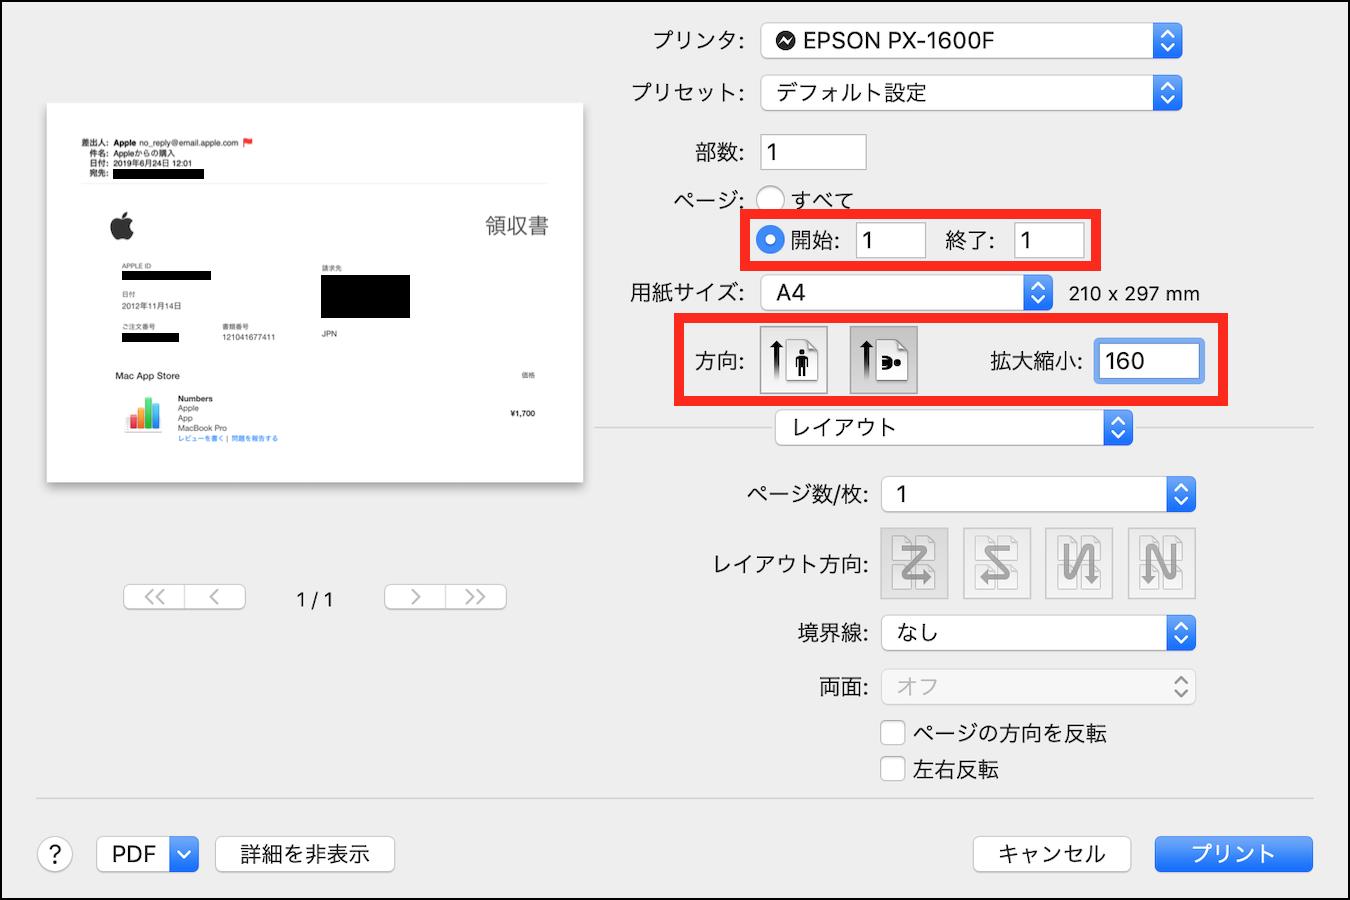 Apple 領収 書 よくあるご質問 - Apple(日本)